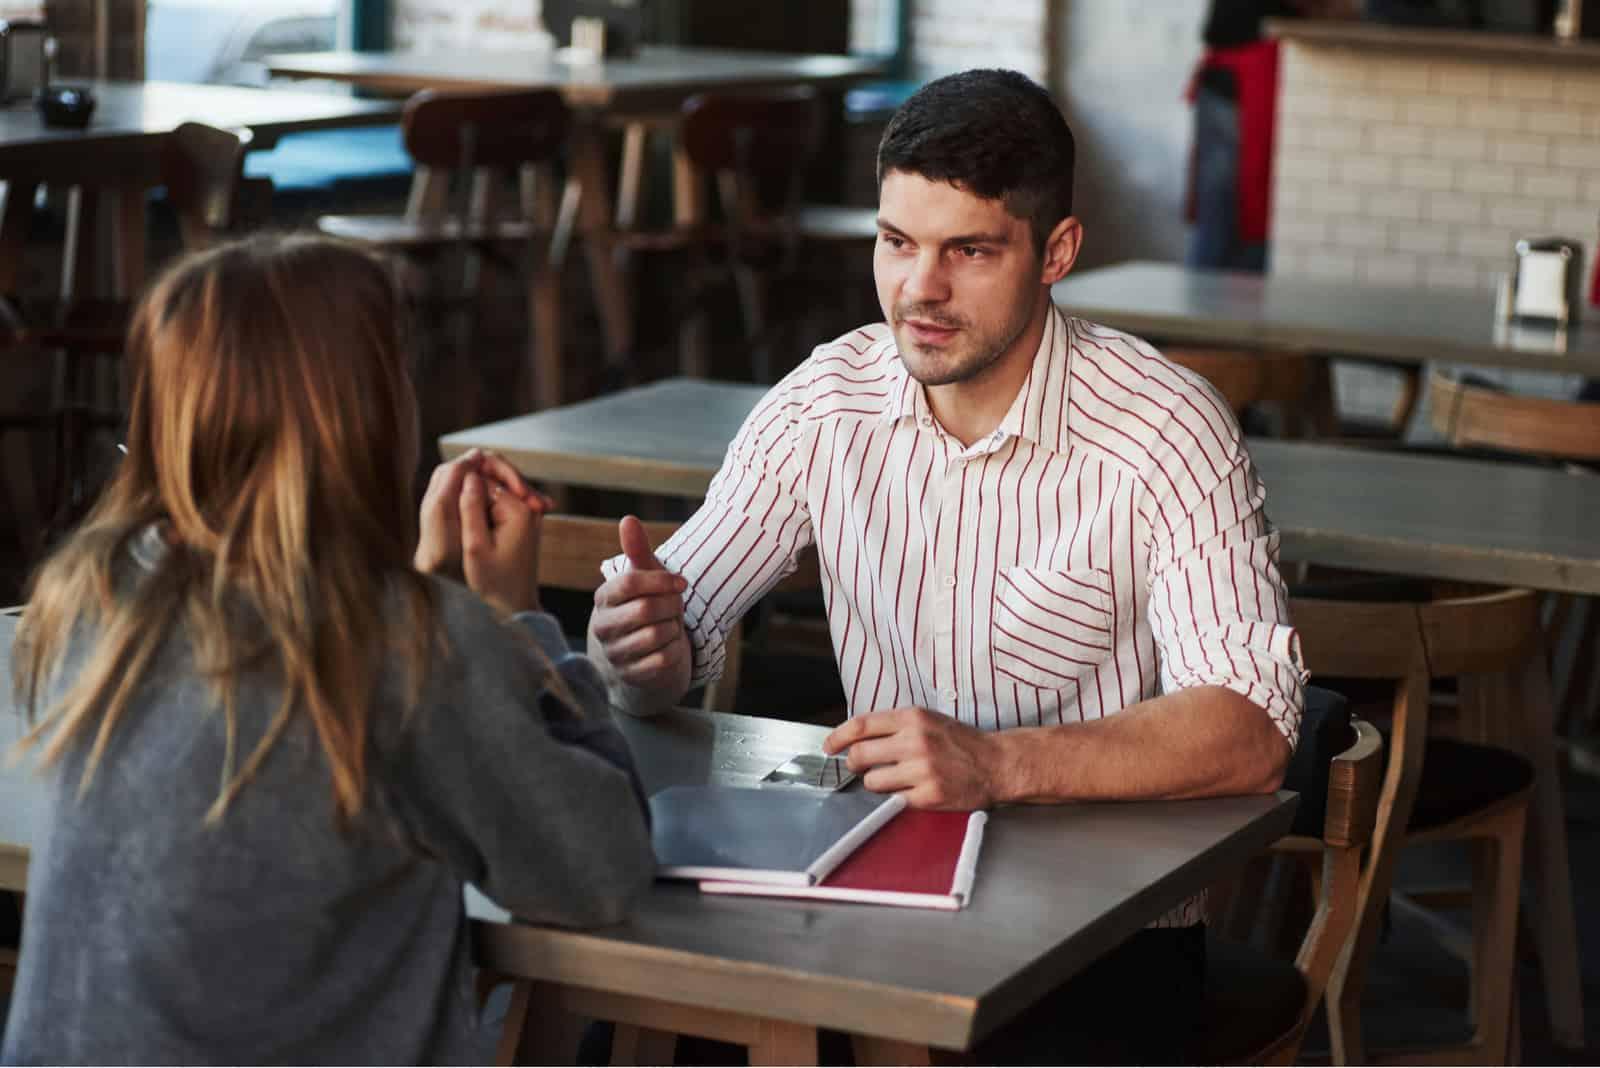 Ein Mann und eine Frau unterhalten sich, während sie sich gegenüber sitzen